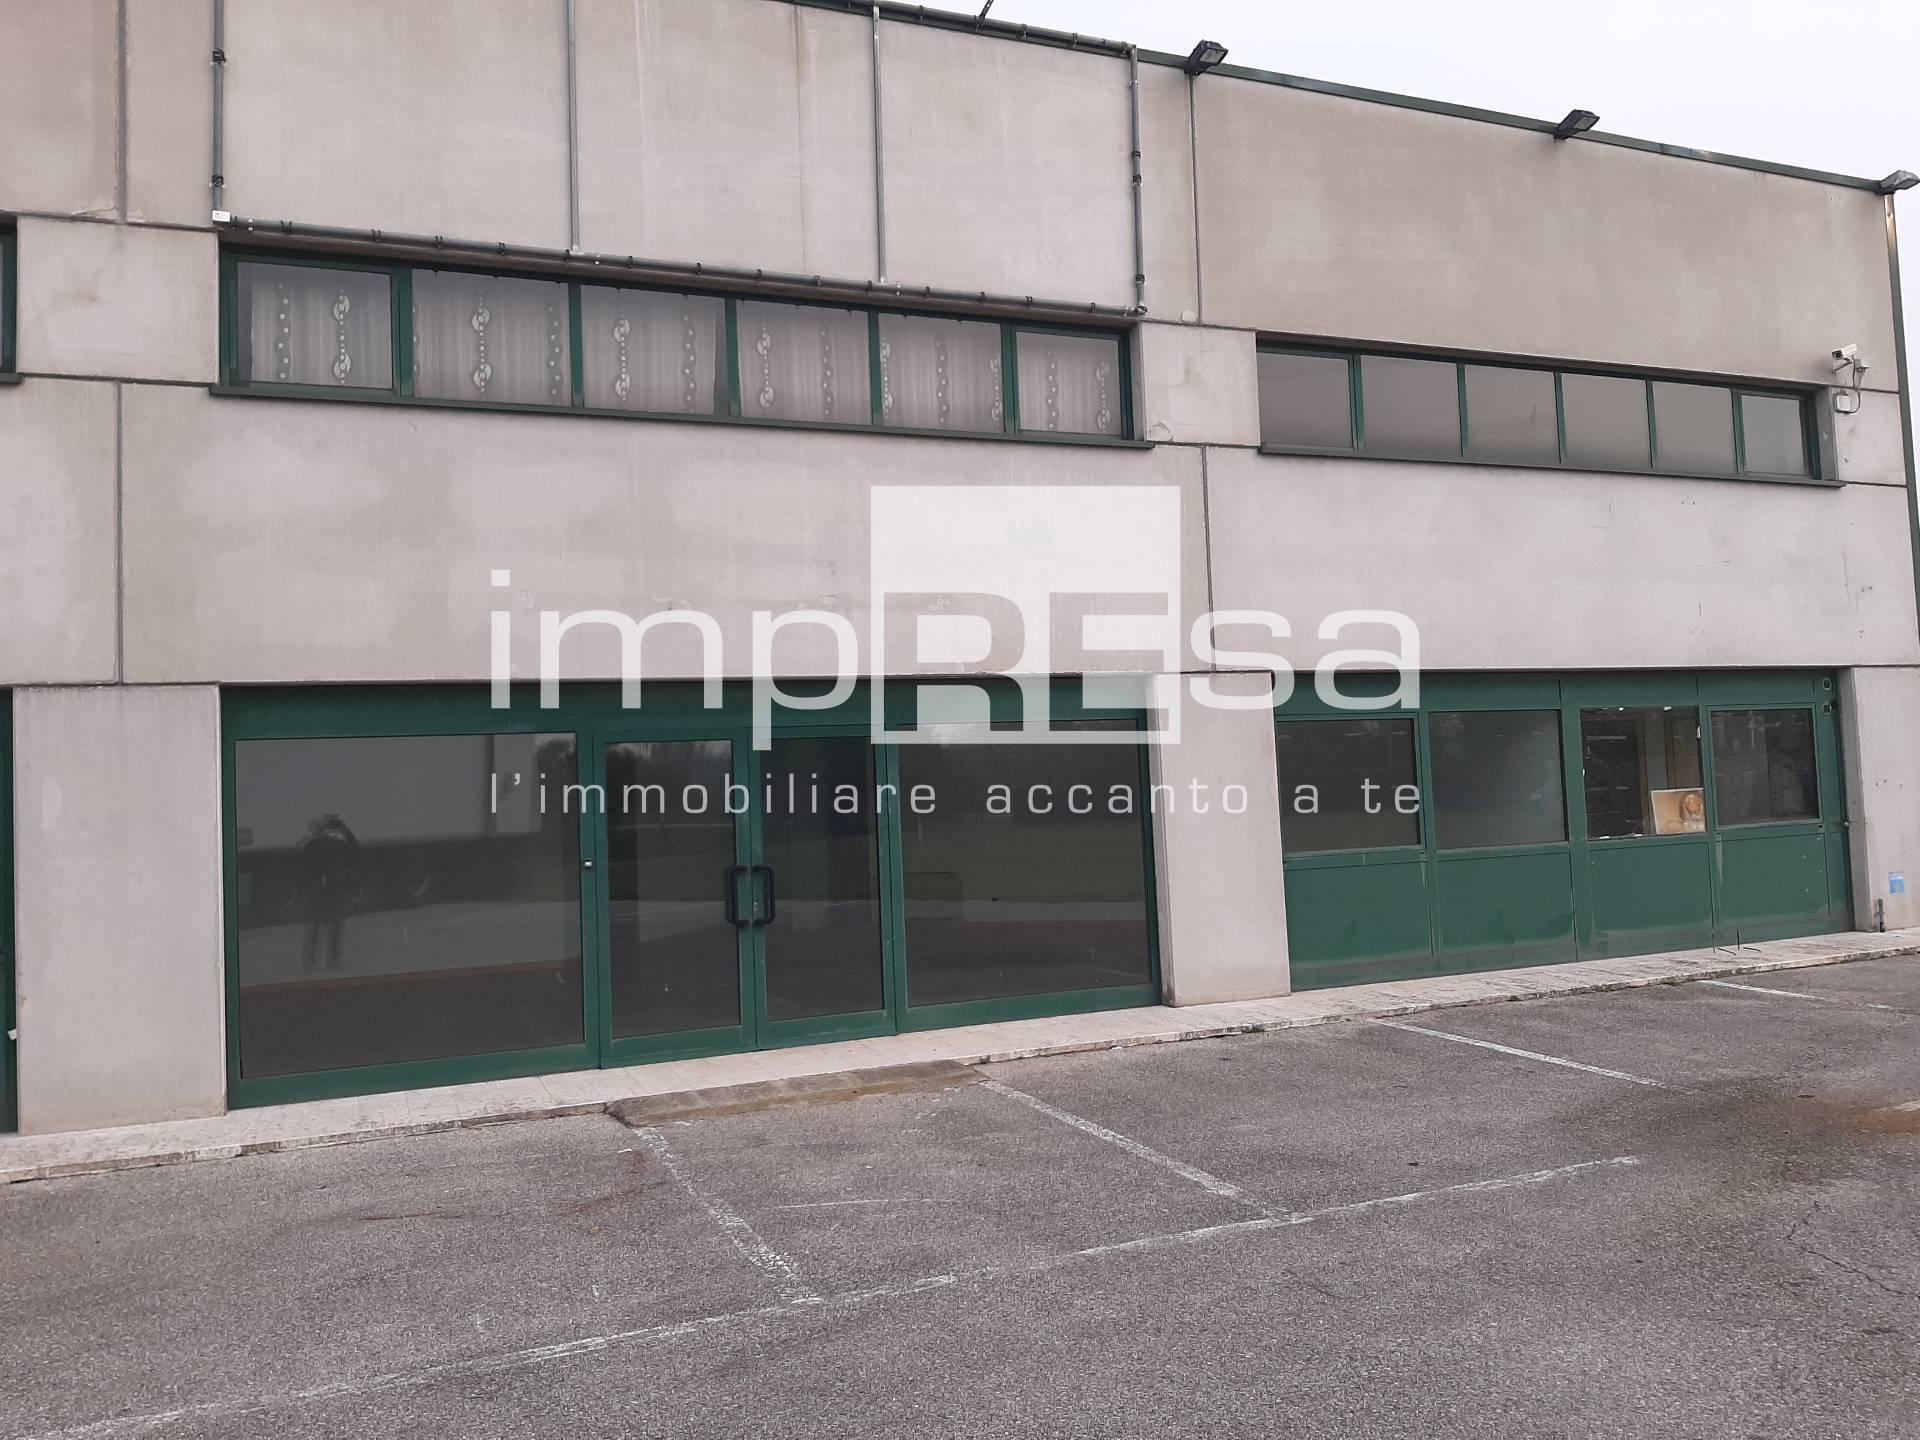 Capannone in vendita a Paese, 9999 locali, zona Zona: Padernello, prezzo € 97.000 | CambioCasa.it